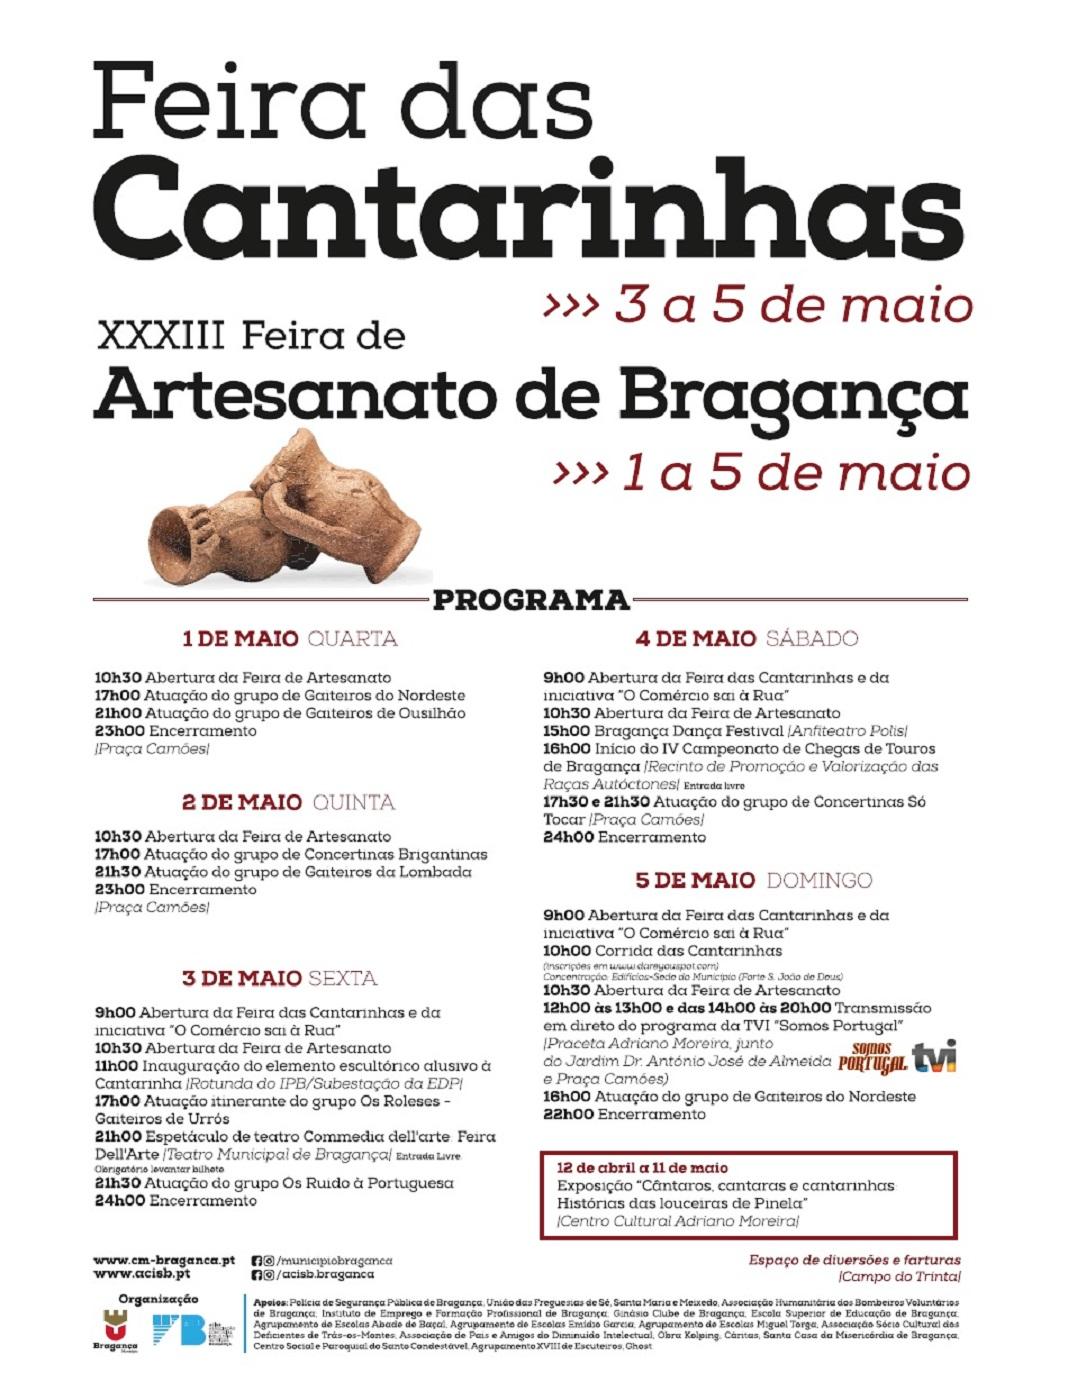 Feira das Cantarinhas 2019 de 3 a 5 de maio em Bragança